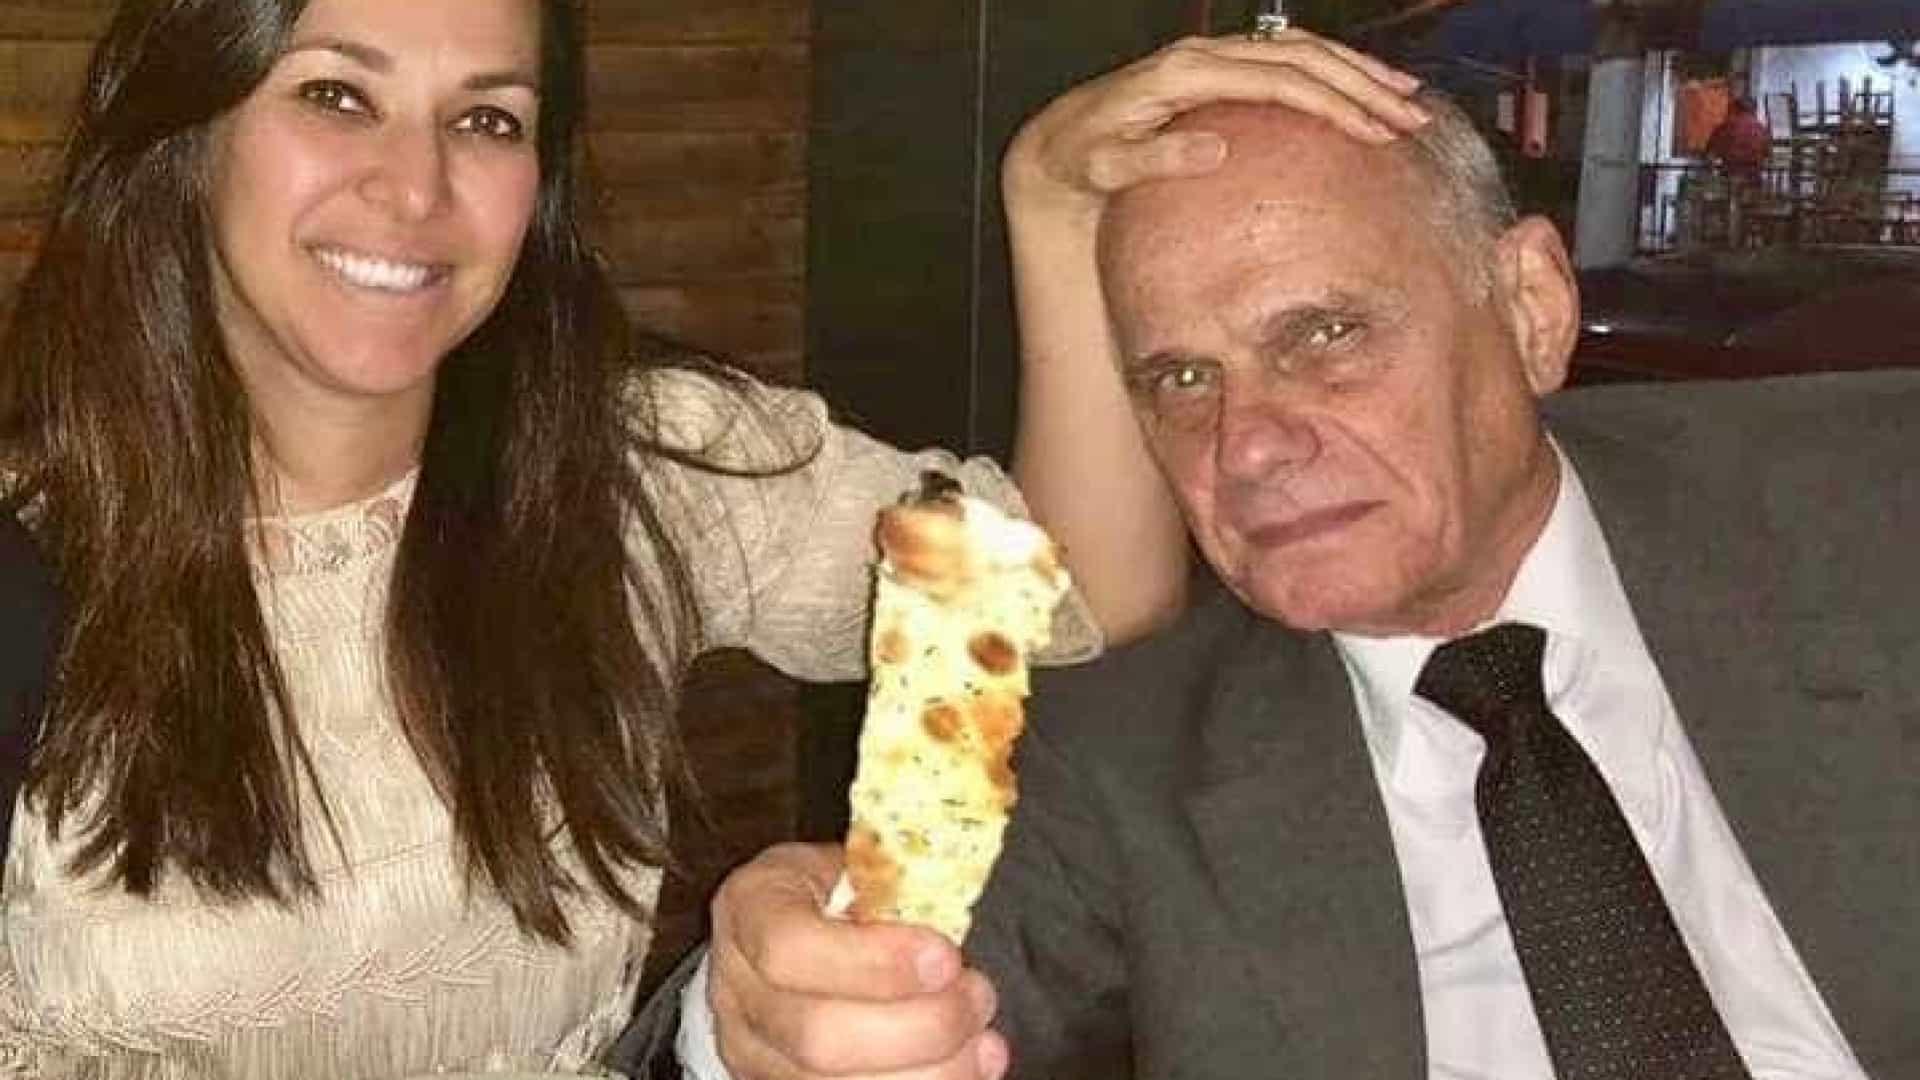 naom 5c77ff03e8aab - SAUDADES: Viúva de Boechat posta vídeo do jornalista: 'Cuide de quem você ama'